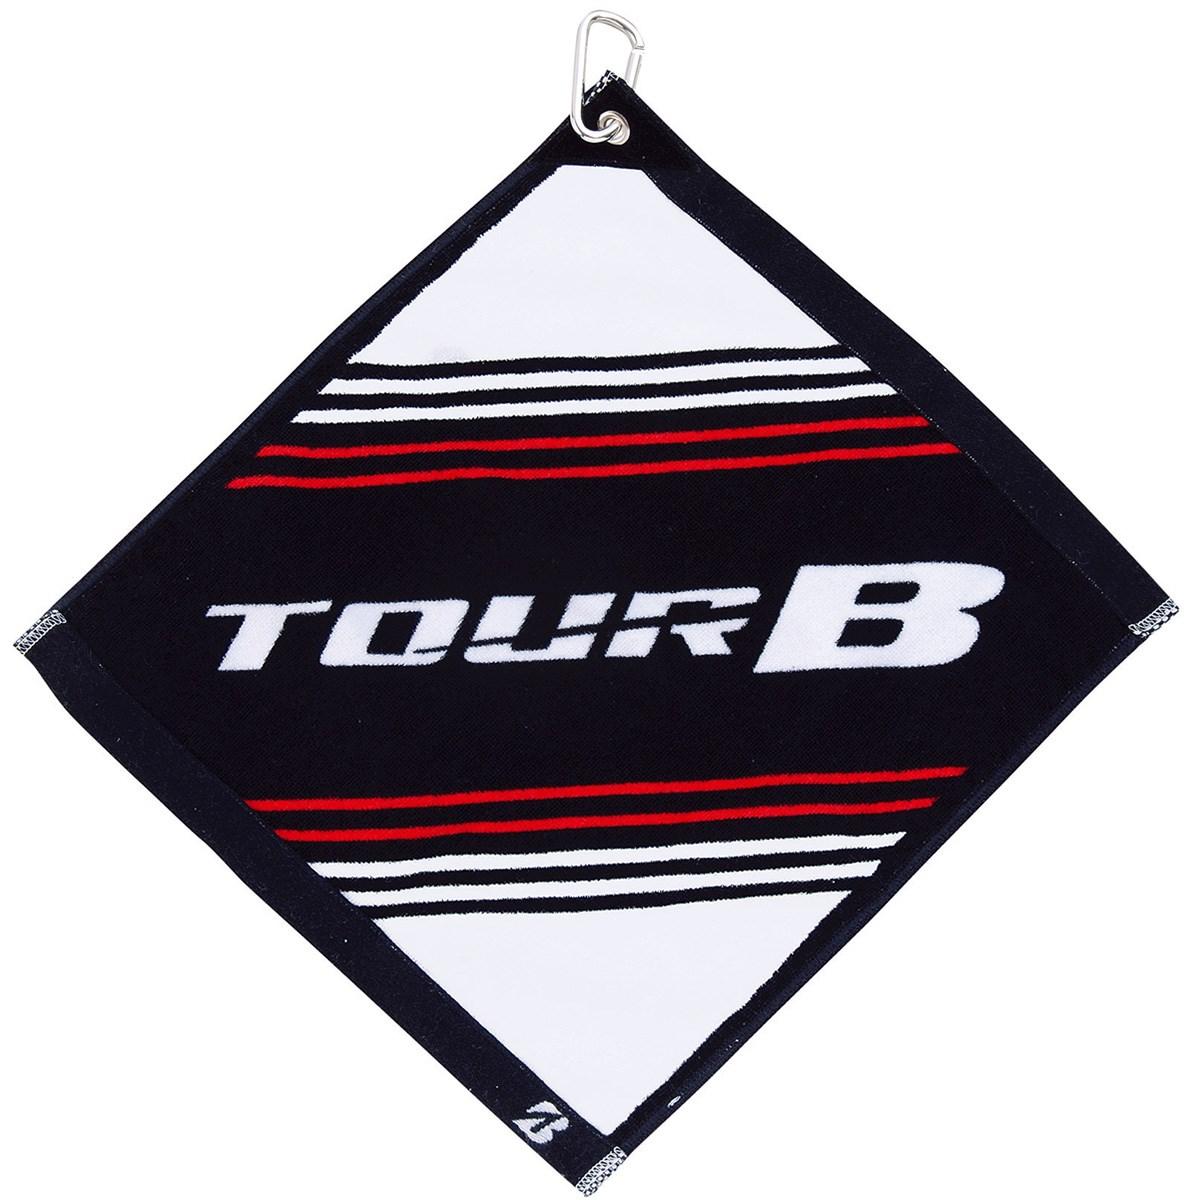 ブリヂストン TOUR B フック付きハンドタオル ホワイト/ブラック